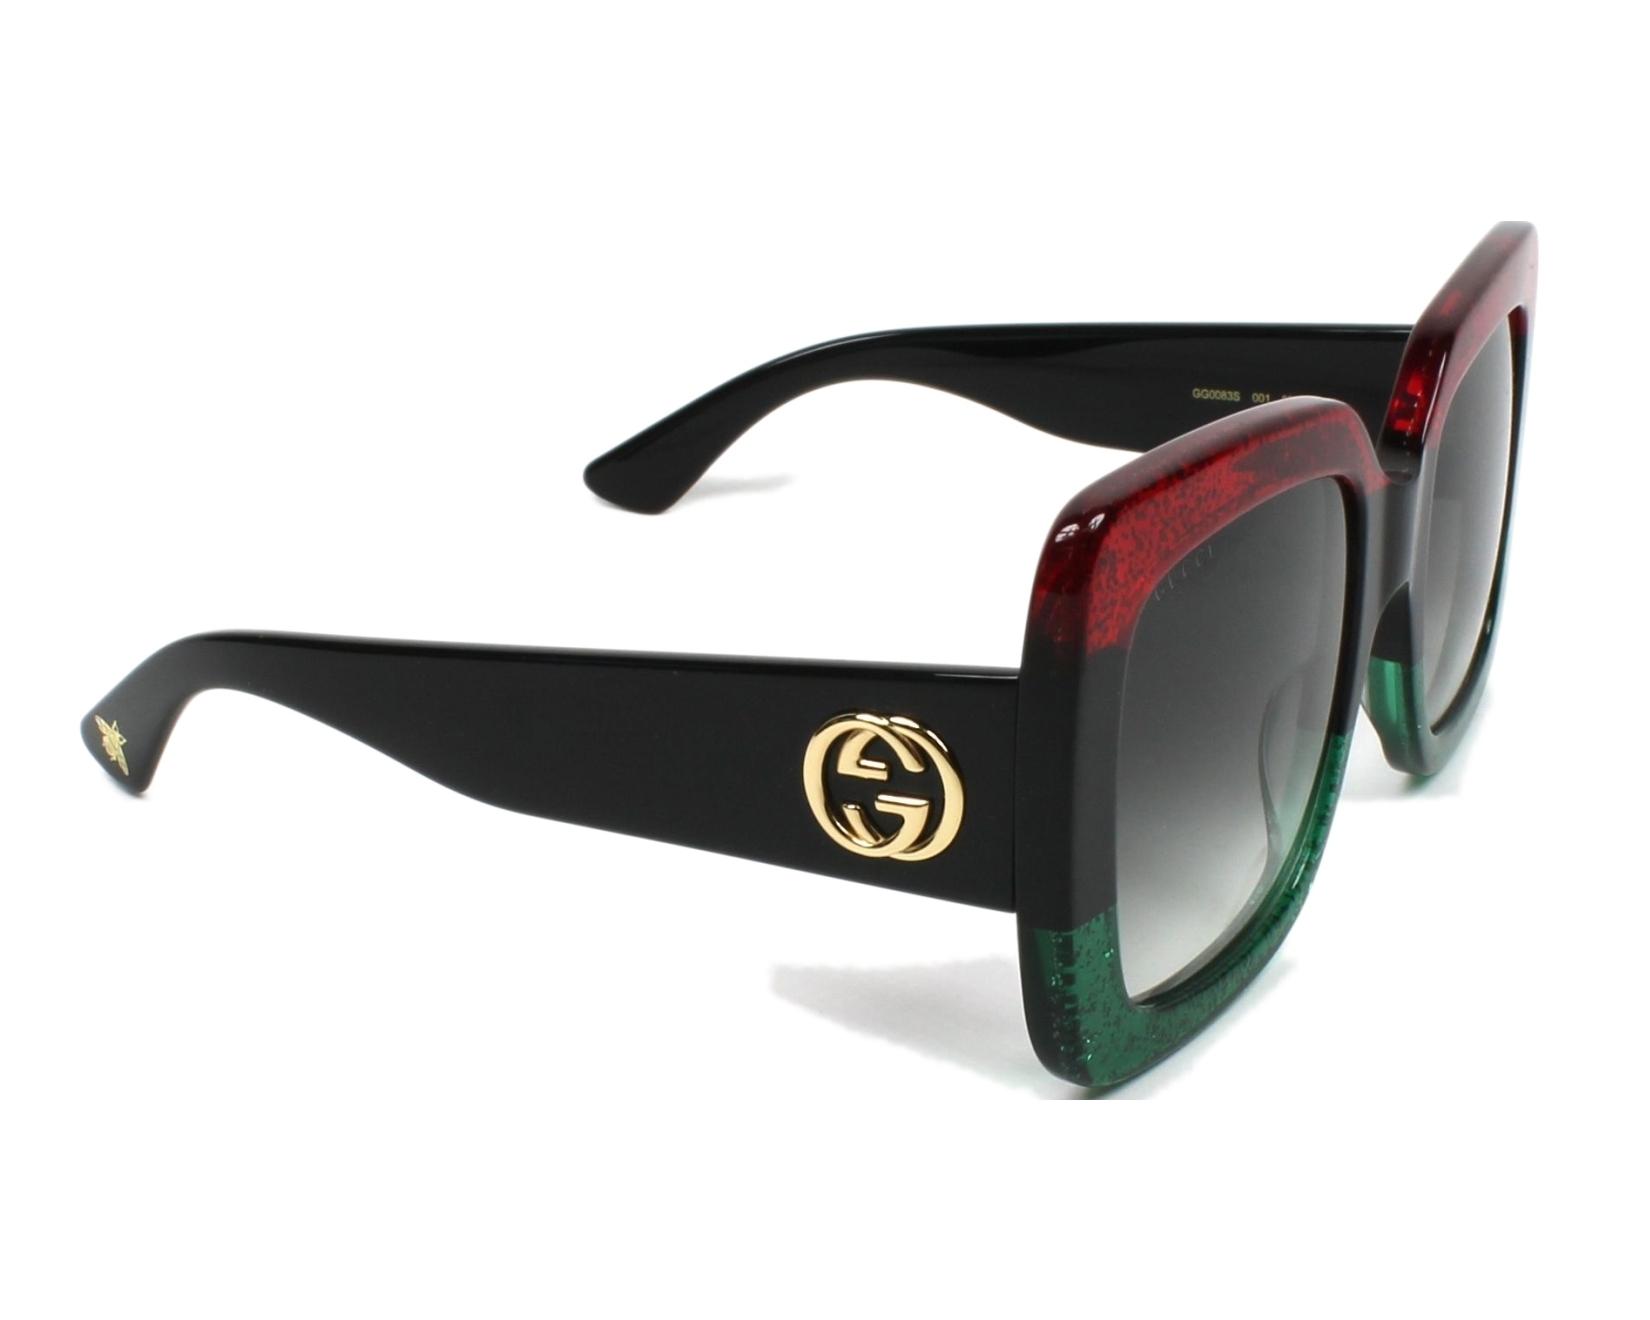 baratas para descuento 54094 96238 Gucci GG-0083-S 001